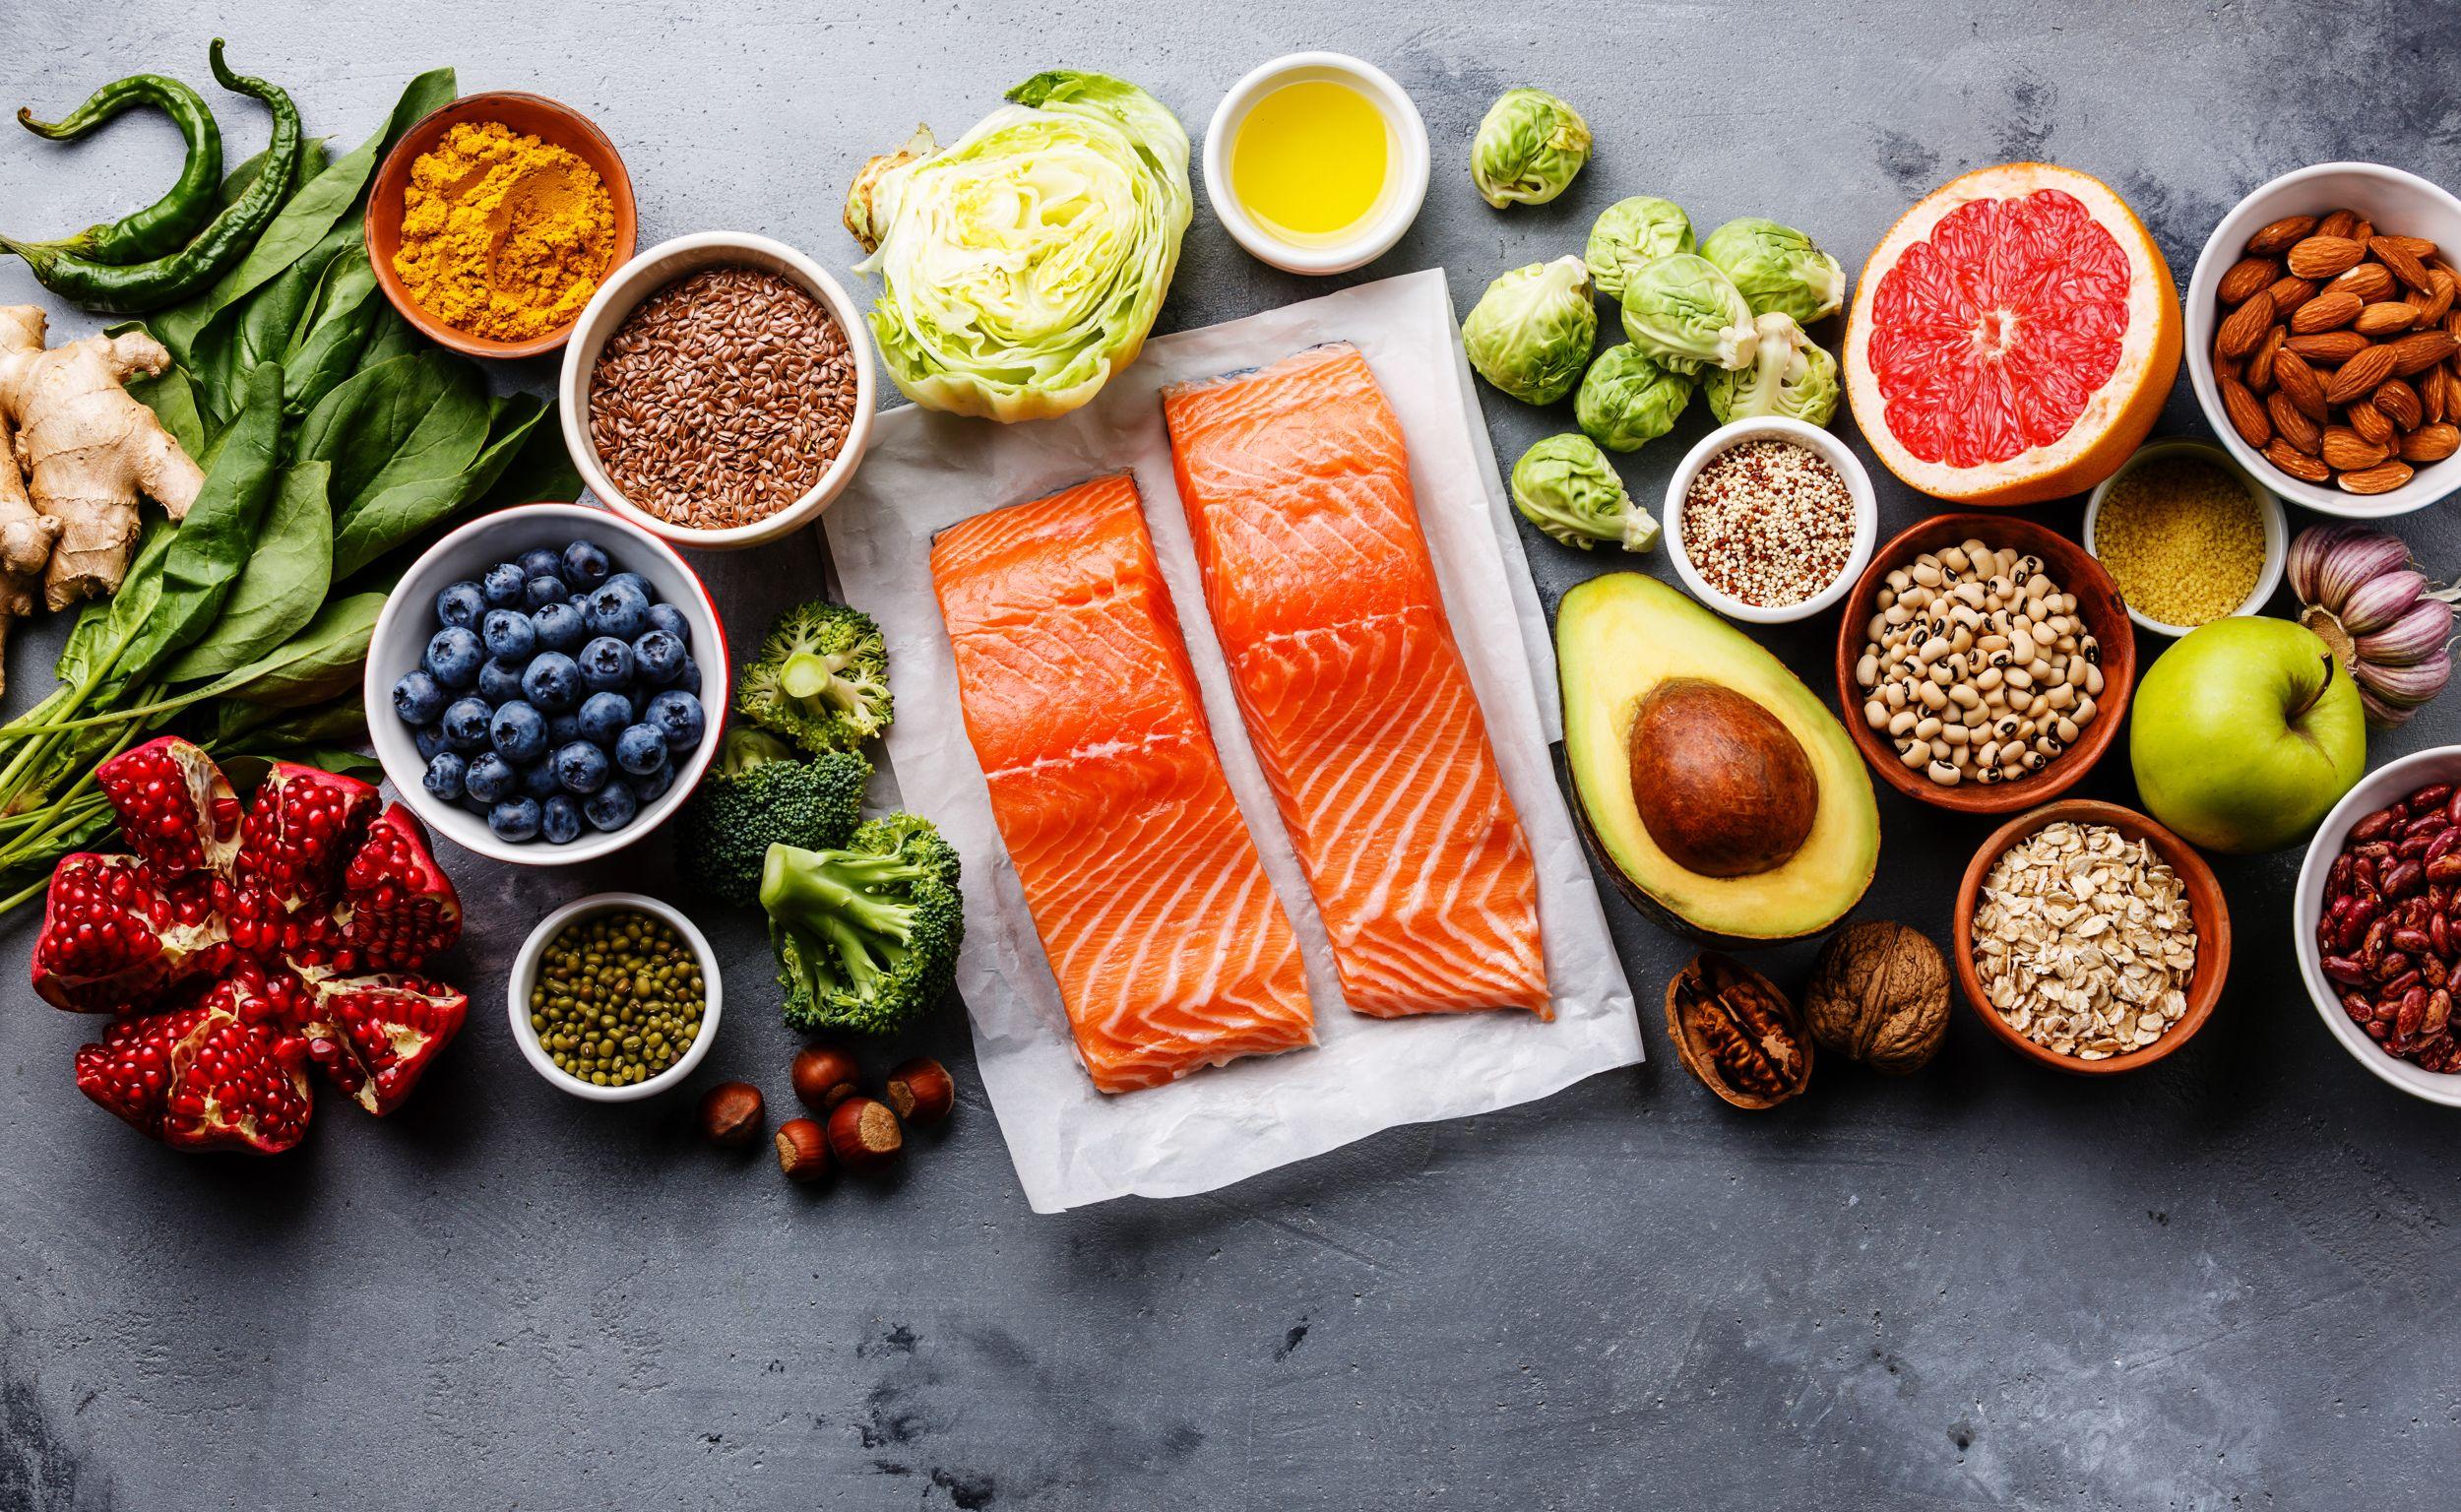 Zdravá strava s nízkym obsahom sacharidov pomáha pri boji s polycystickými ováriami